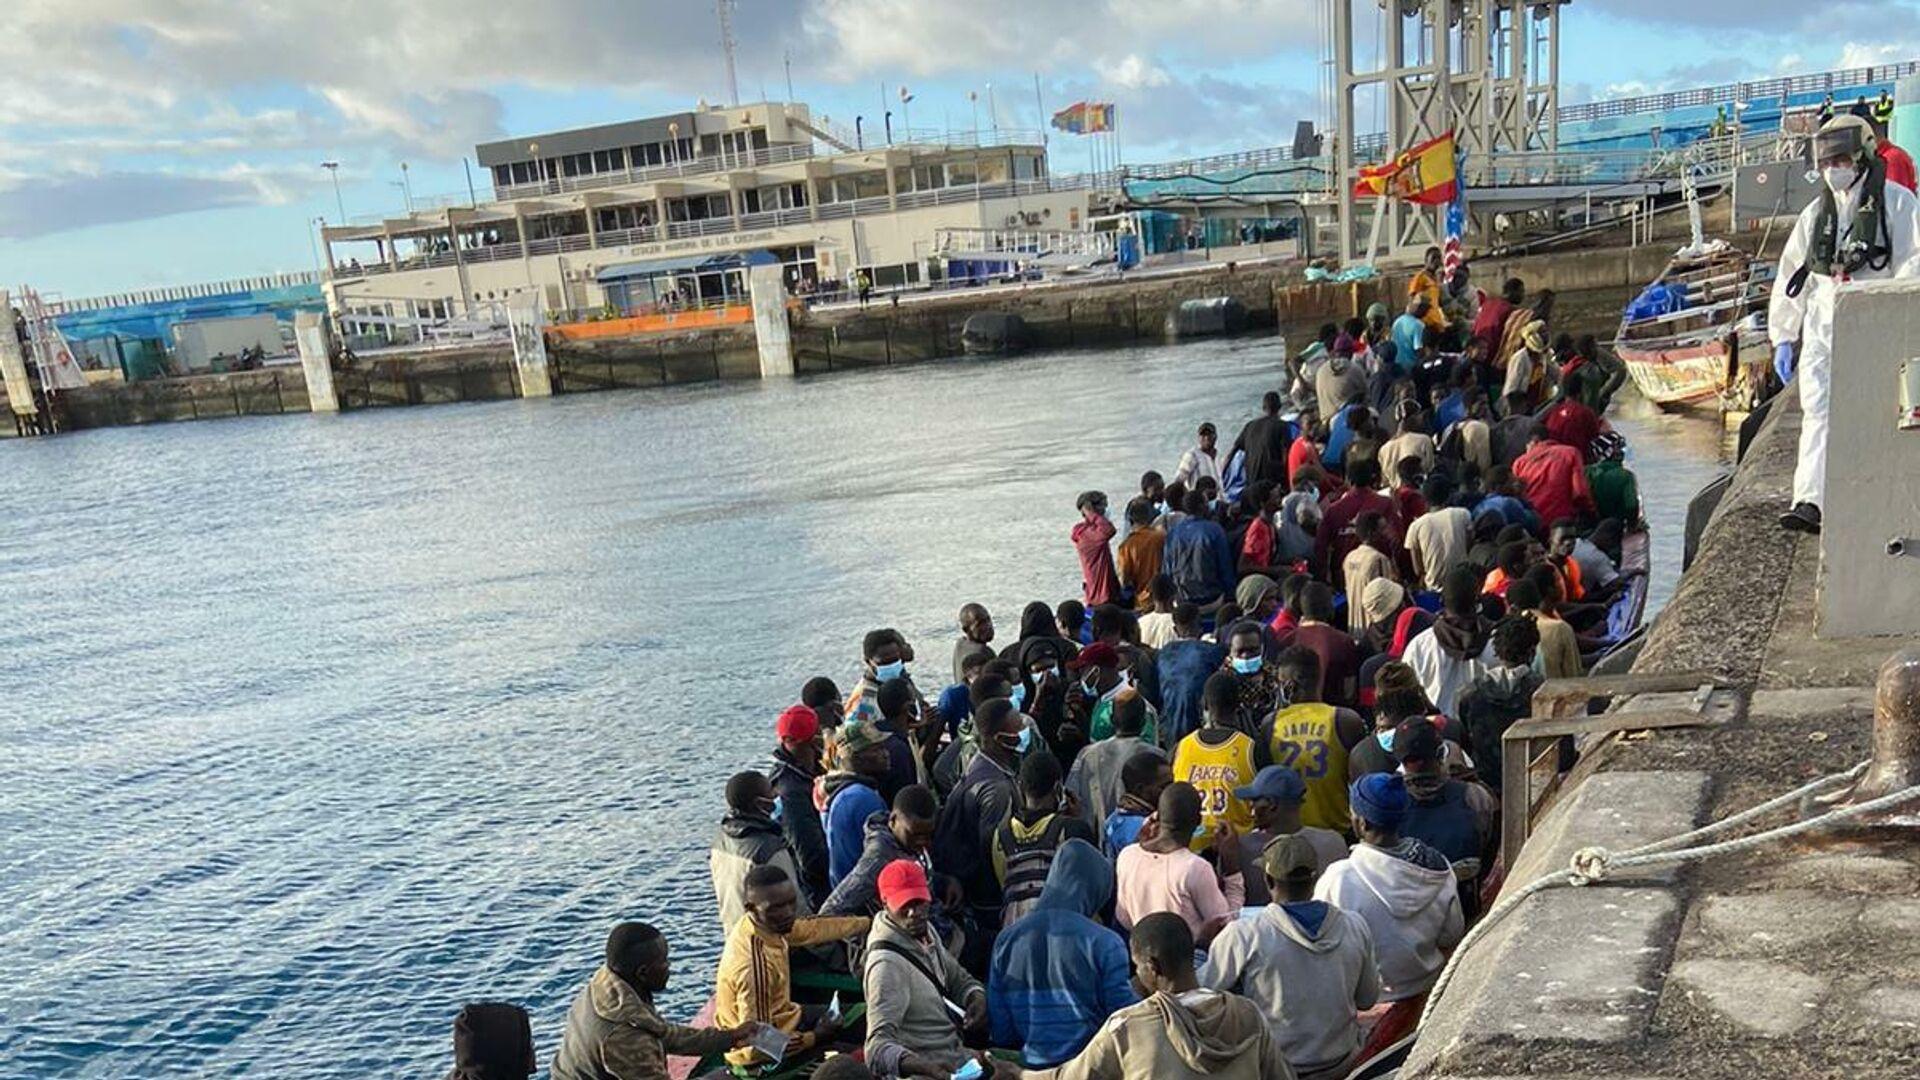 Inmigrantes llegando en patera a las Islas Canarias - Sputnik Mundo, 1920, 25.02.2021